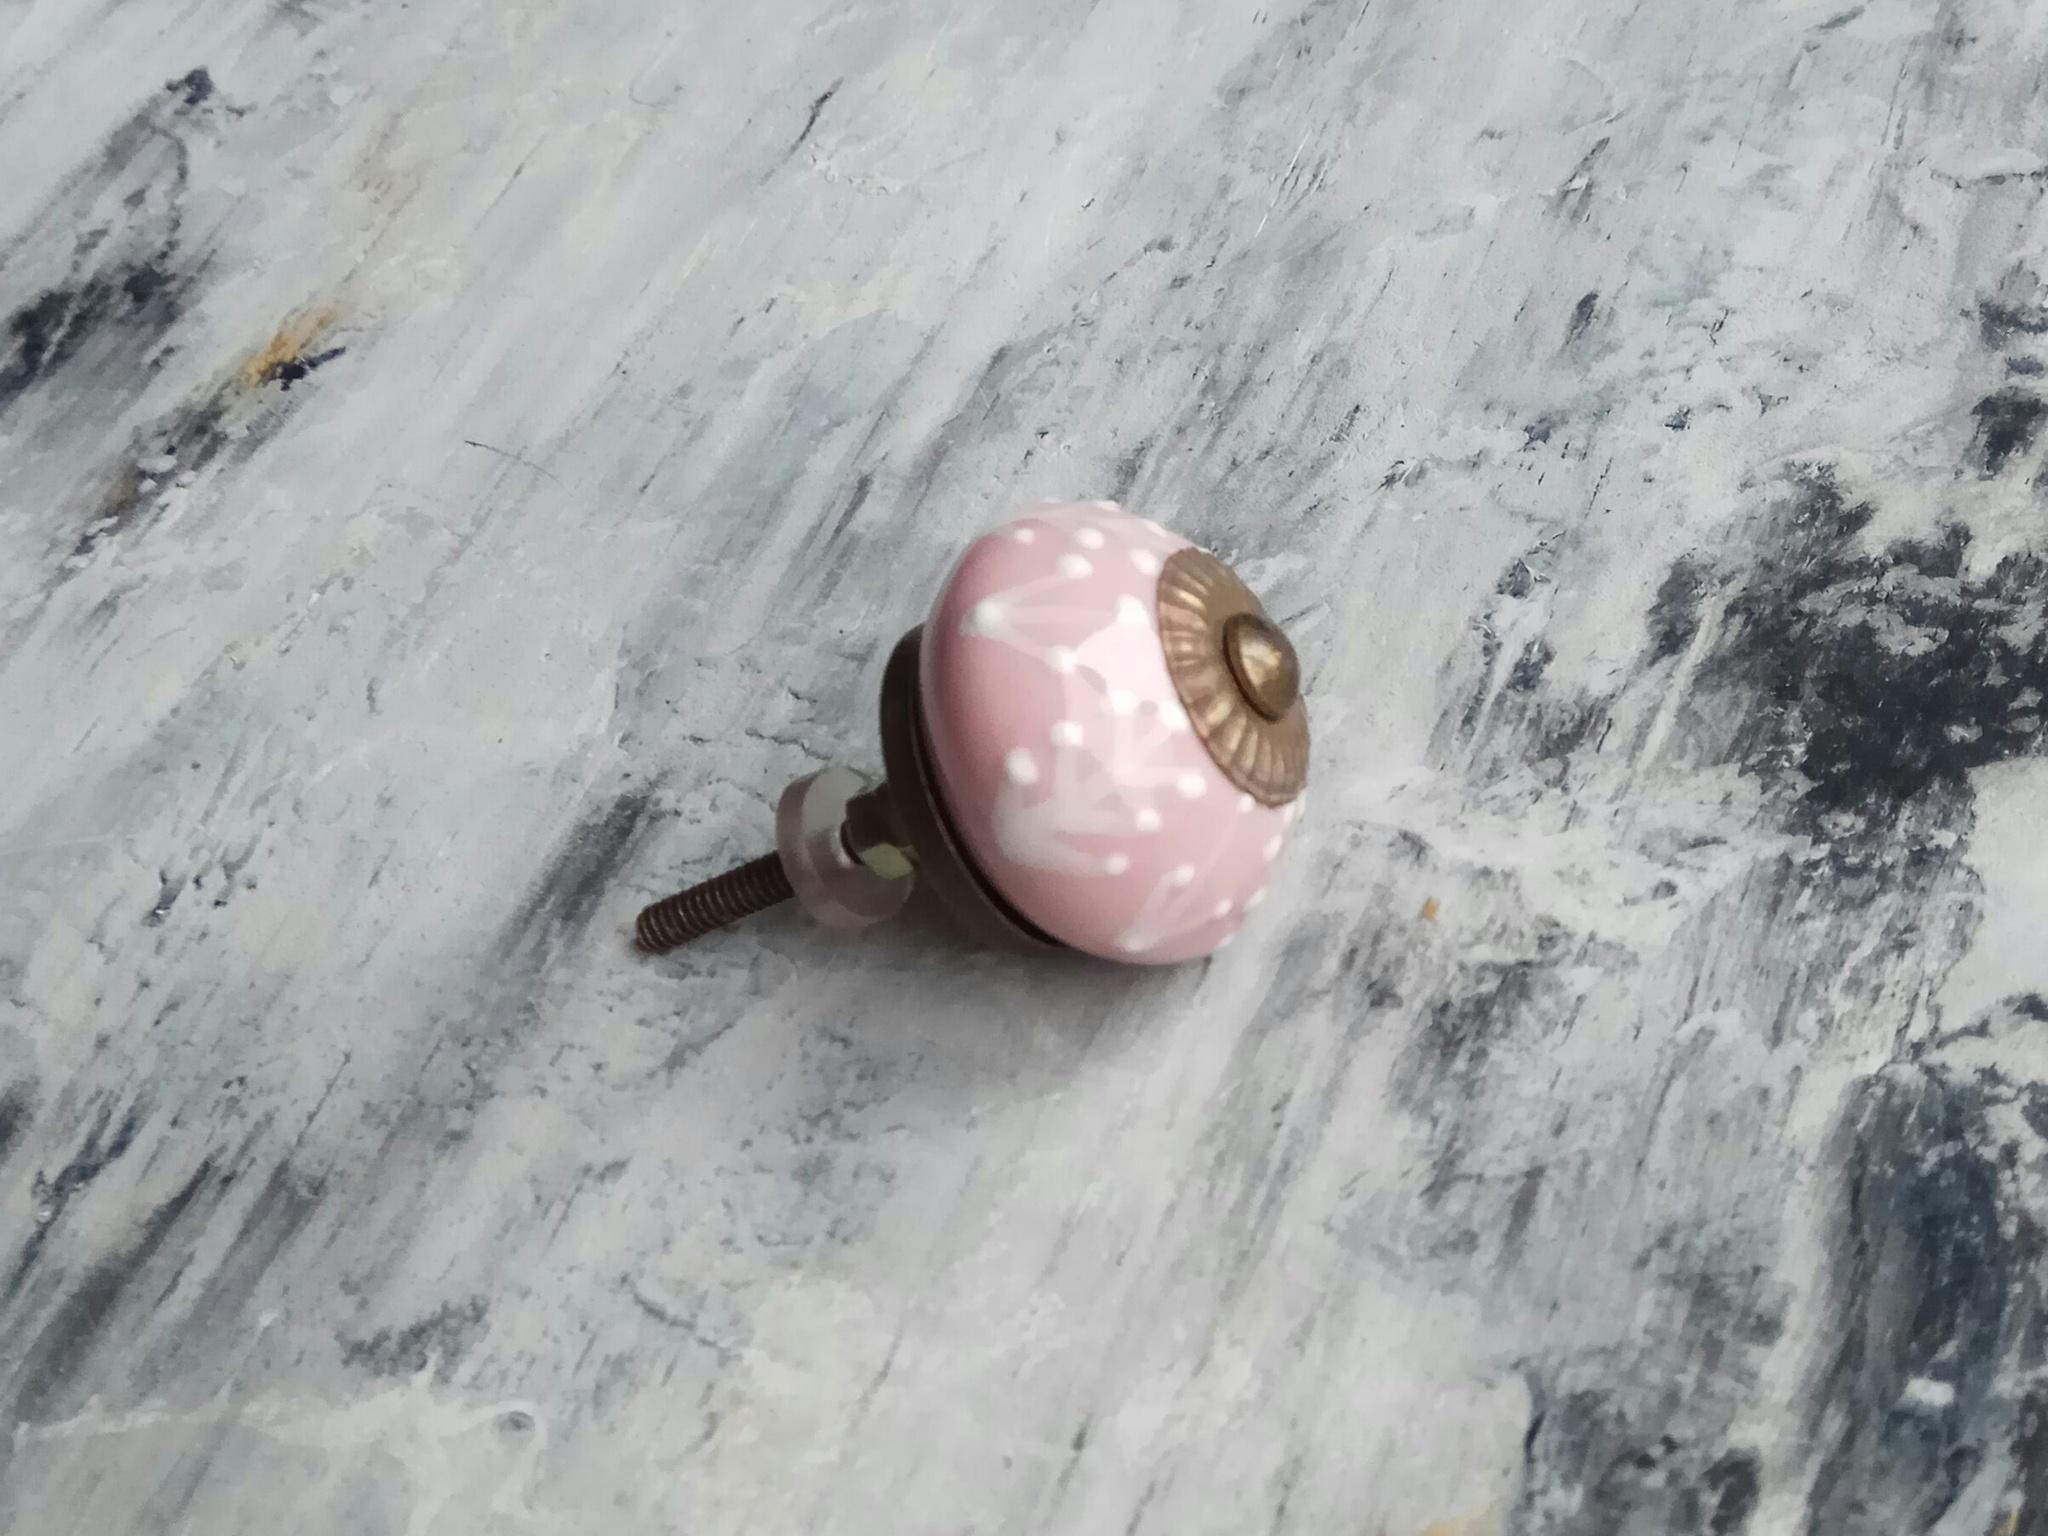 Ручка мебельная керамическая  - розовая с белым объемным узором, арт. 00001014